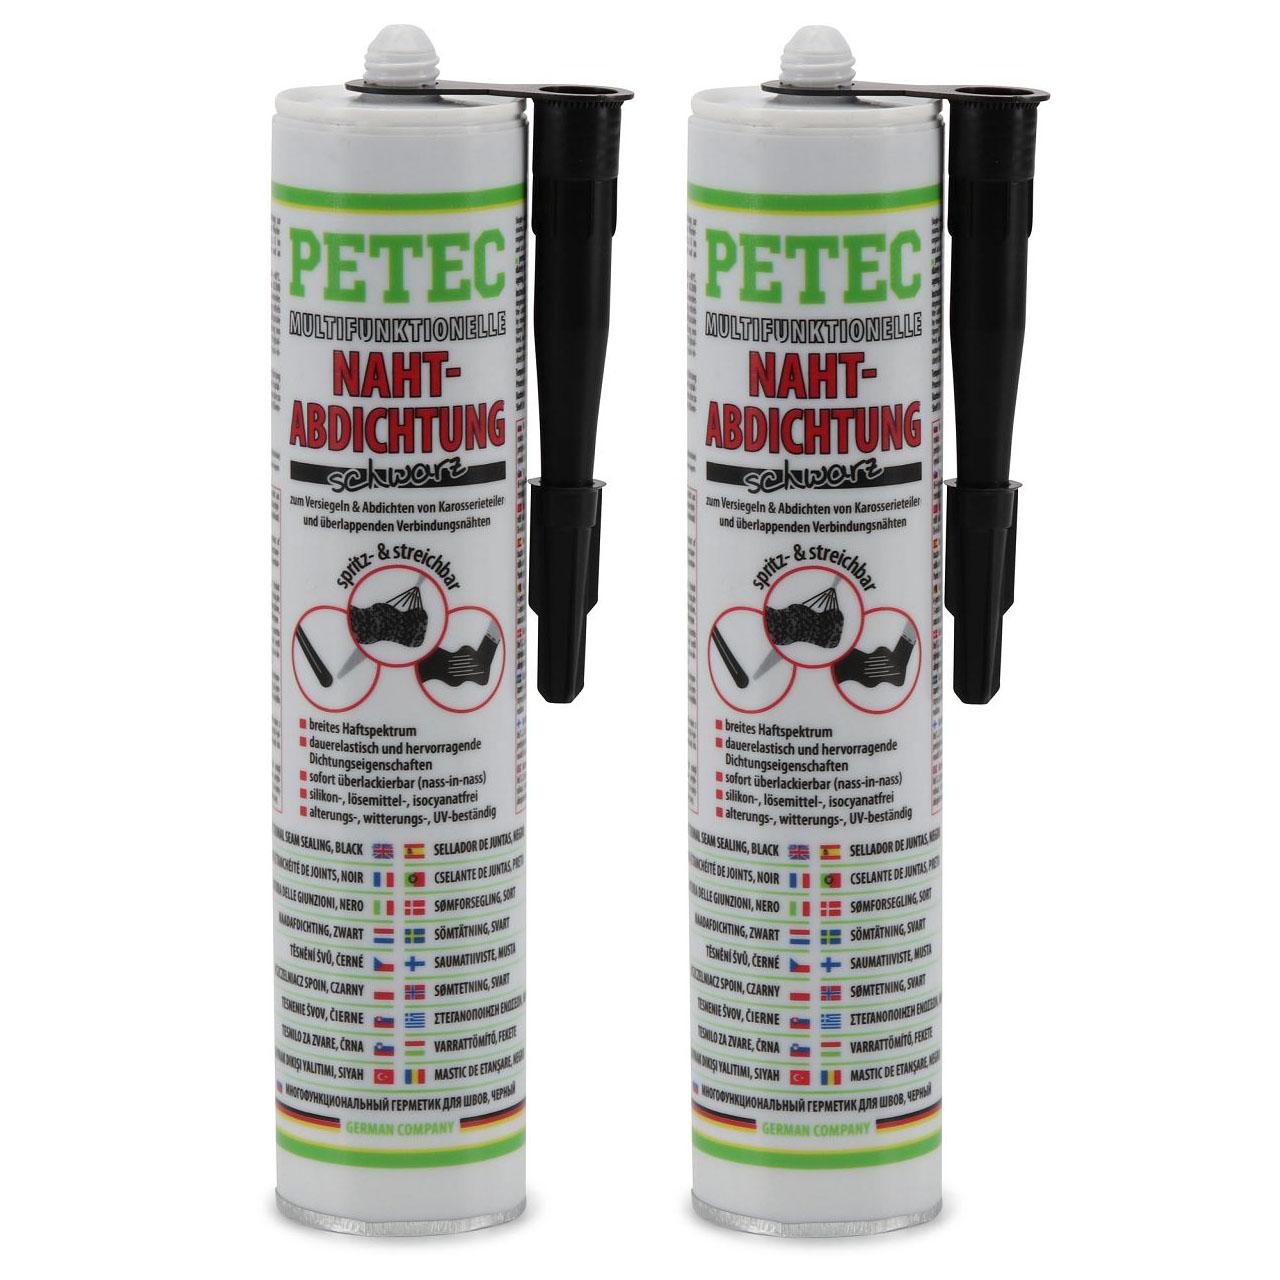 PETEC 94231 Multifunktionelle Nahtabdichtung Karosserieabdichtung 620ml SCHWARZ